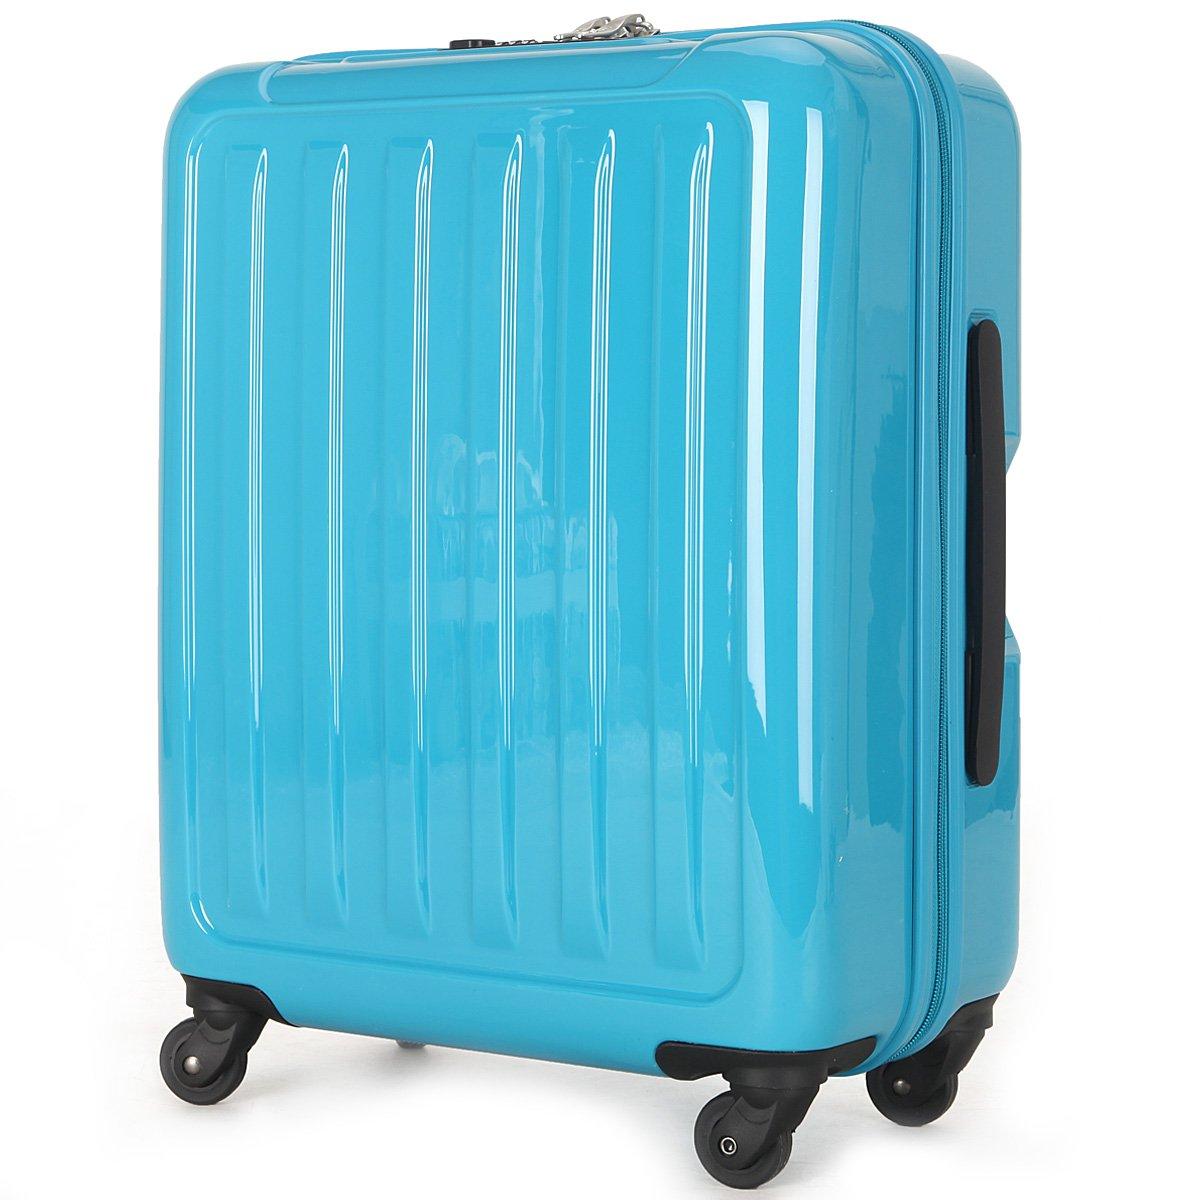 (ラッキーパンダ) Luckypanda 一年修理保証付 TY8048 スーツケース 機内持込 超軽量 40l 大容量 tsaロック B00YBV10IA ターコイズブルー ターコイズブルー